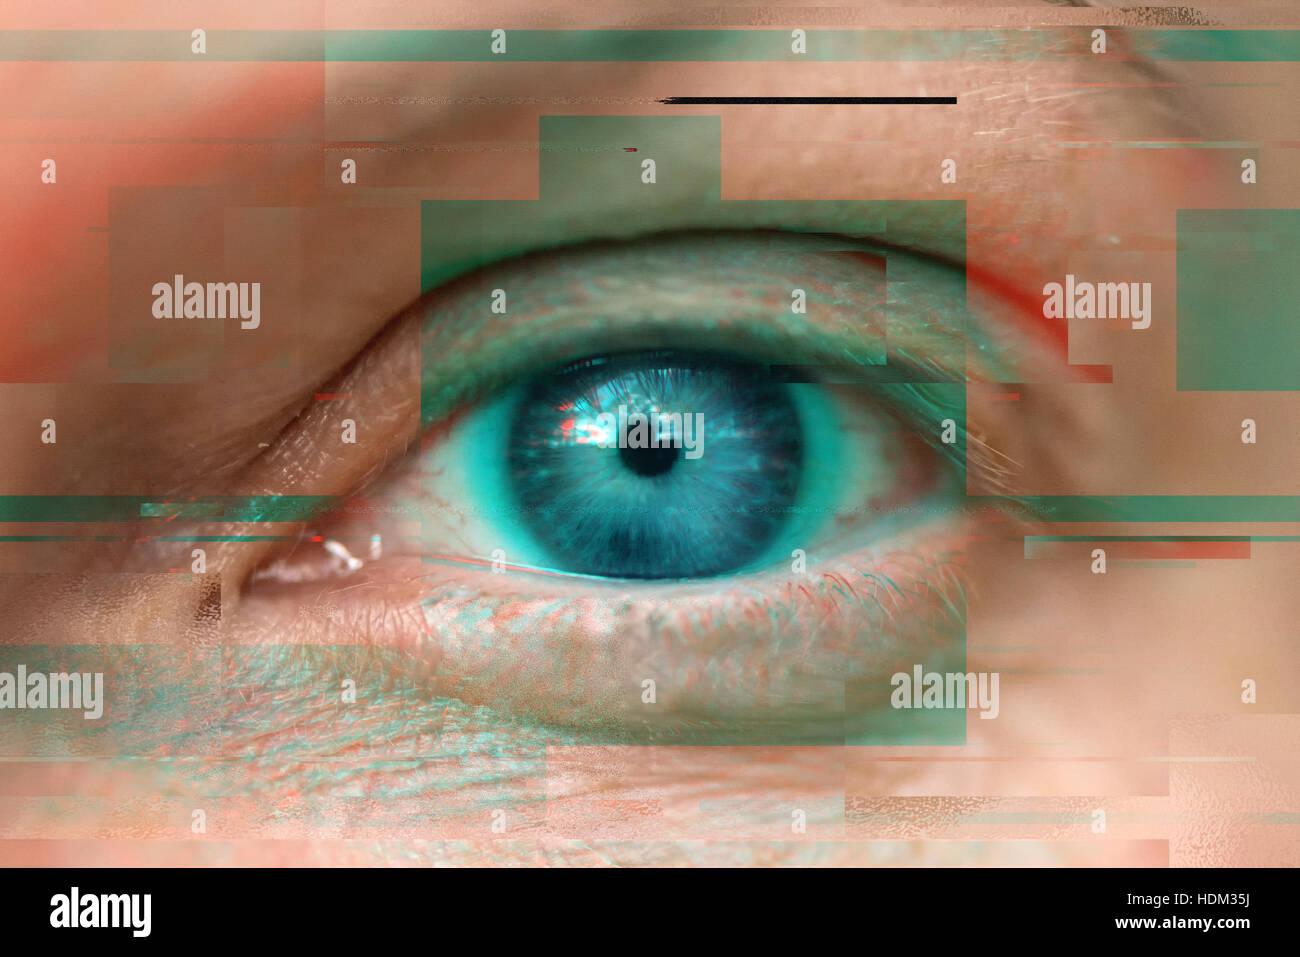 Femme bleu avec des yeux effet glitch numérique, l'électronique moderne et la technologie visual concept Photo Stock